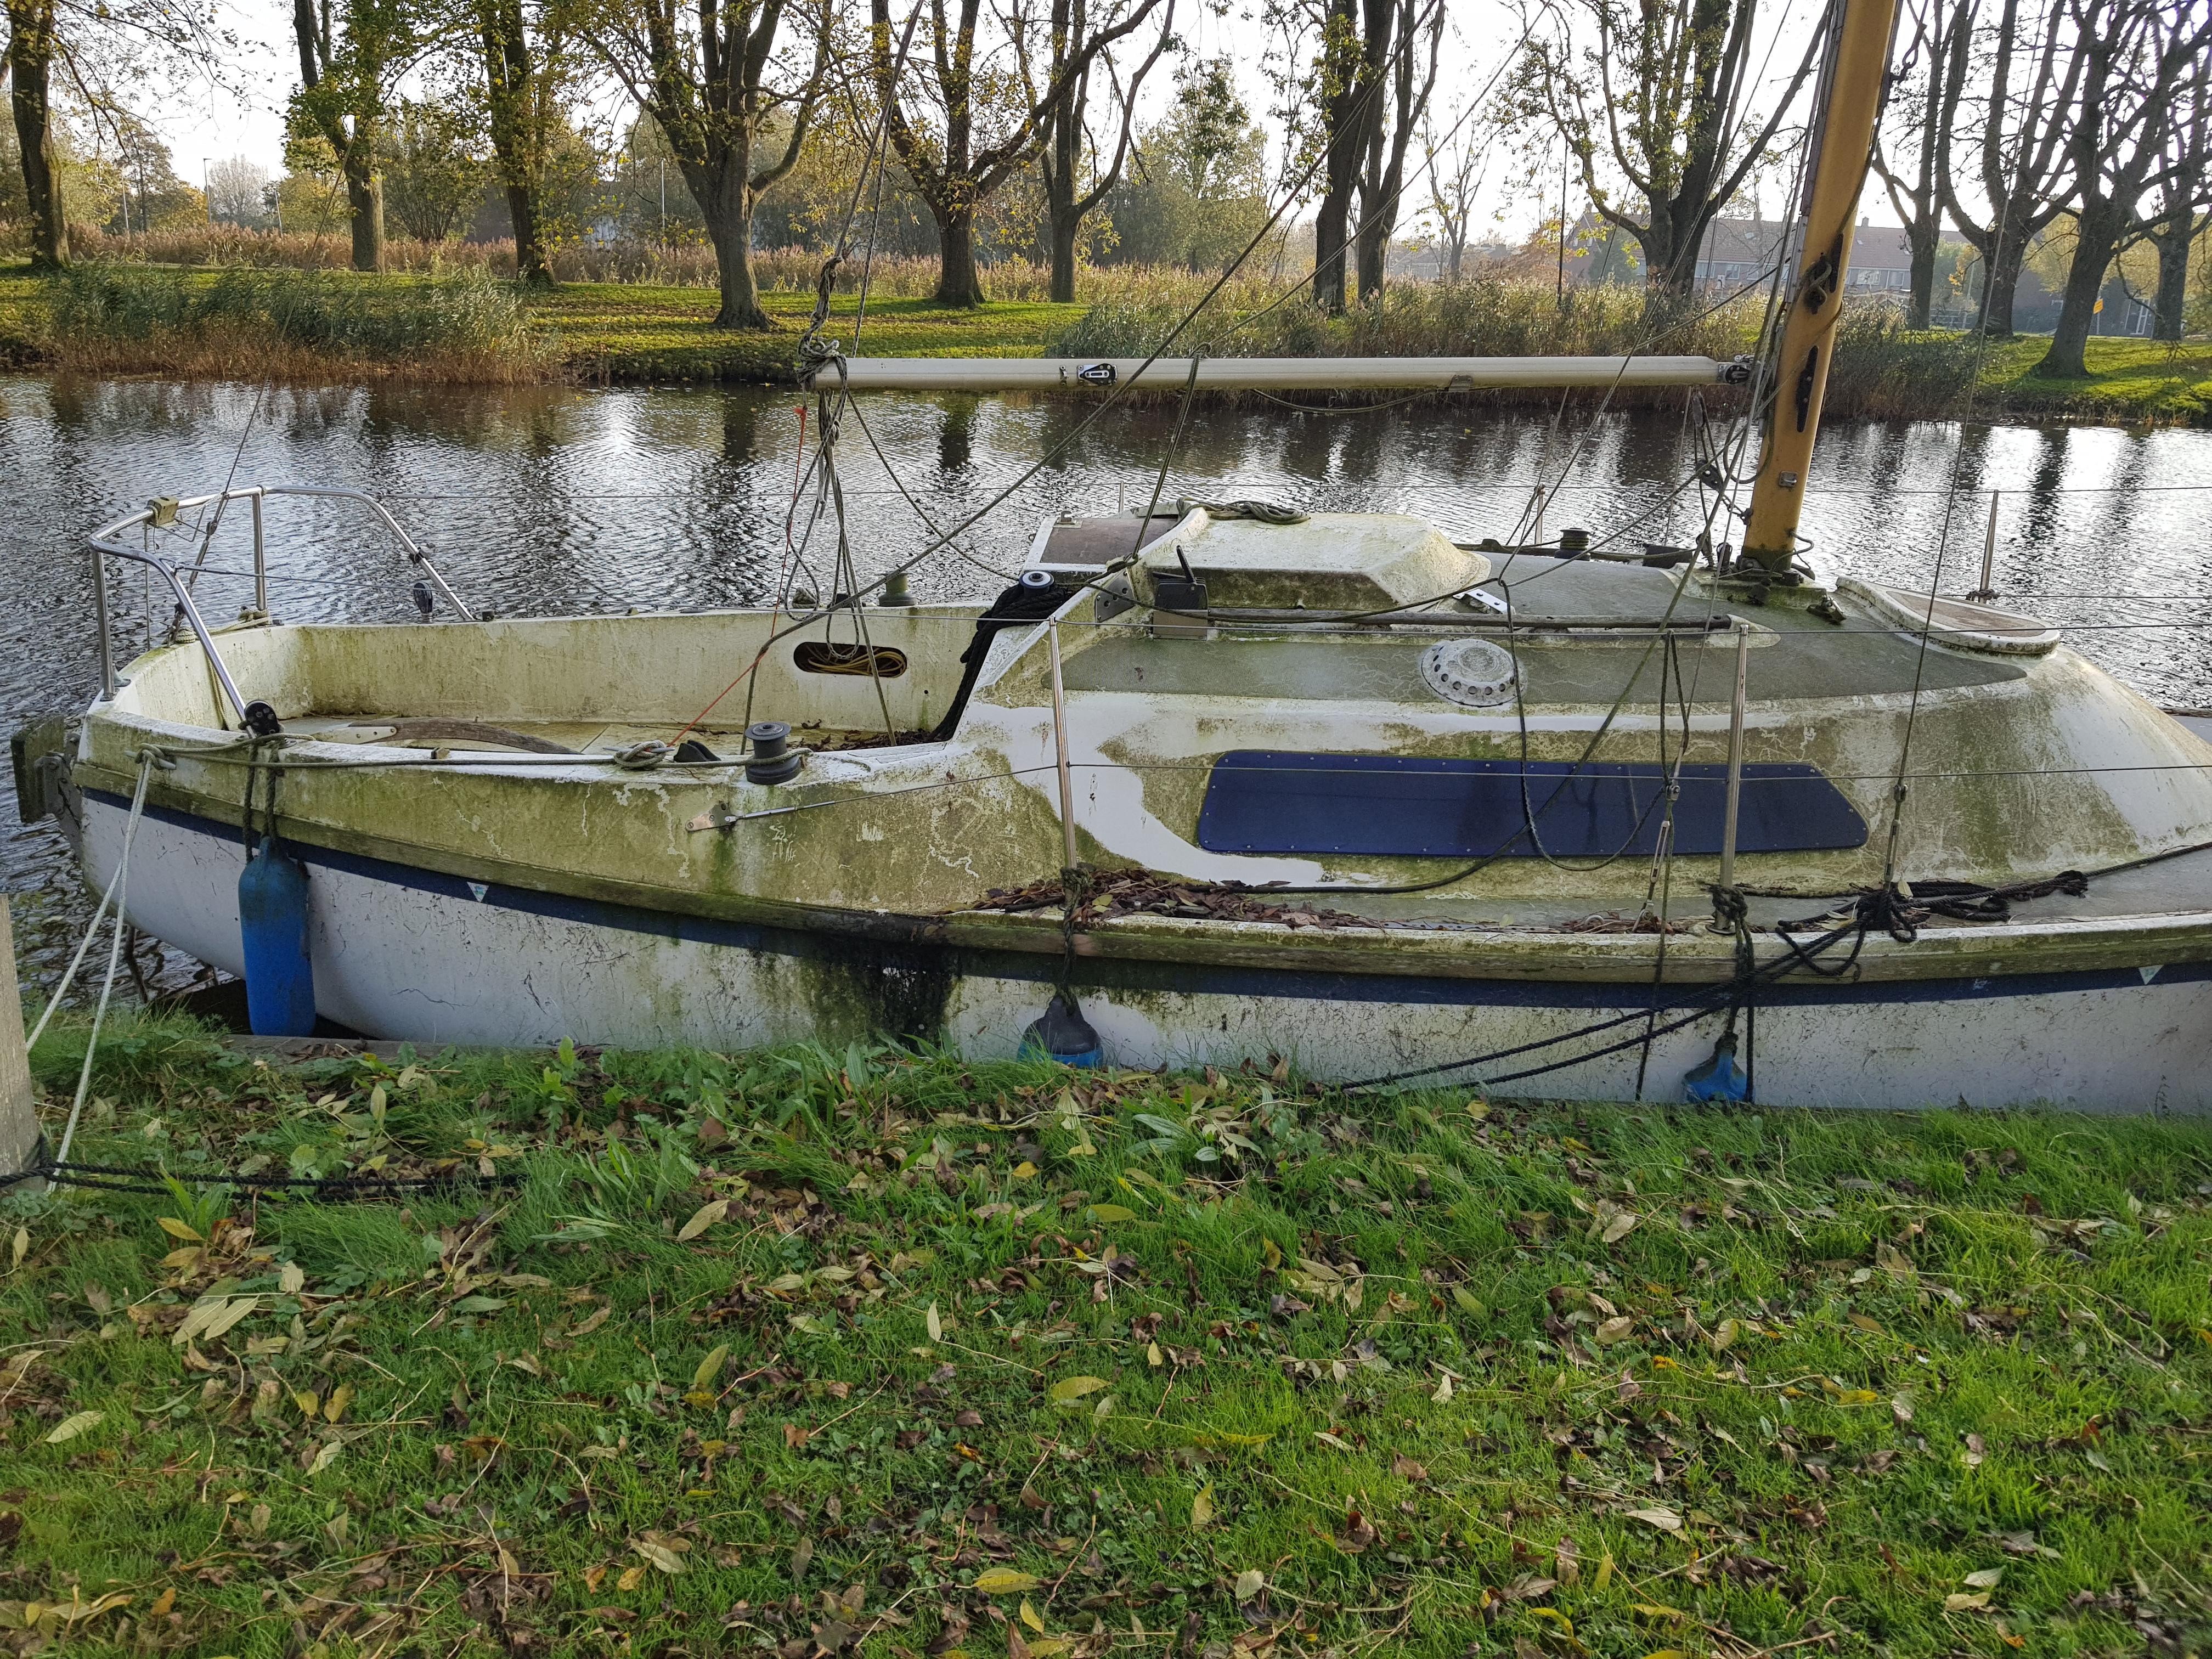 'Zou u uw bootje, dat overwoekerd is met mos, eens willen weghalen? Zo niet, dan doen wij het zelf', zegt de gemeente Edam-Volendam